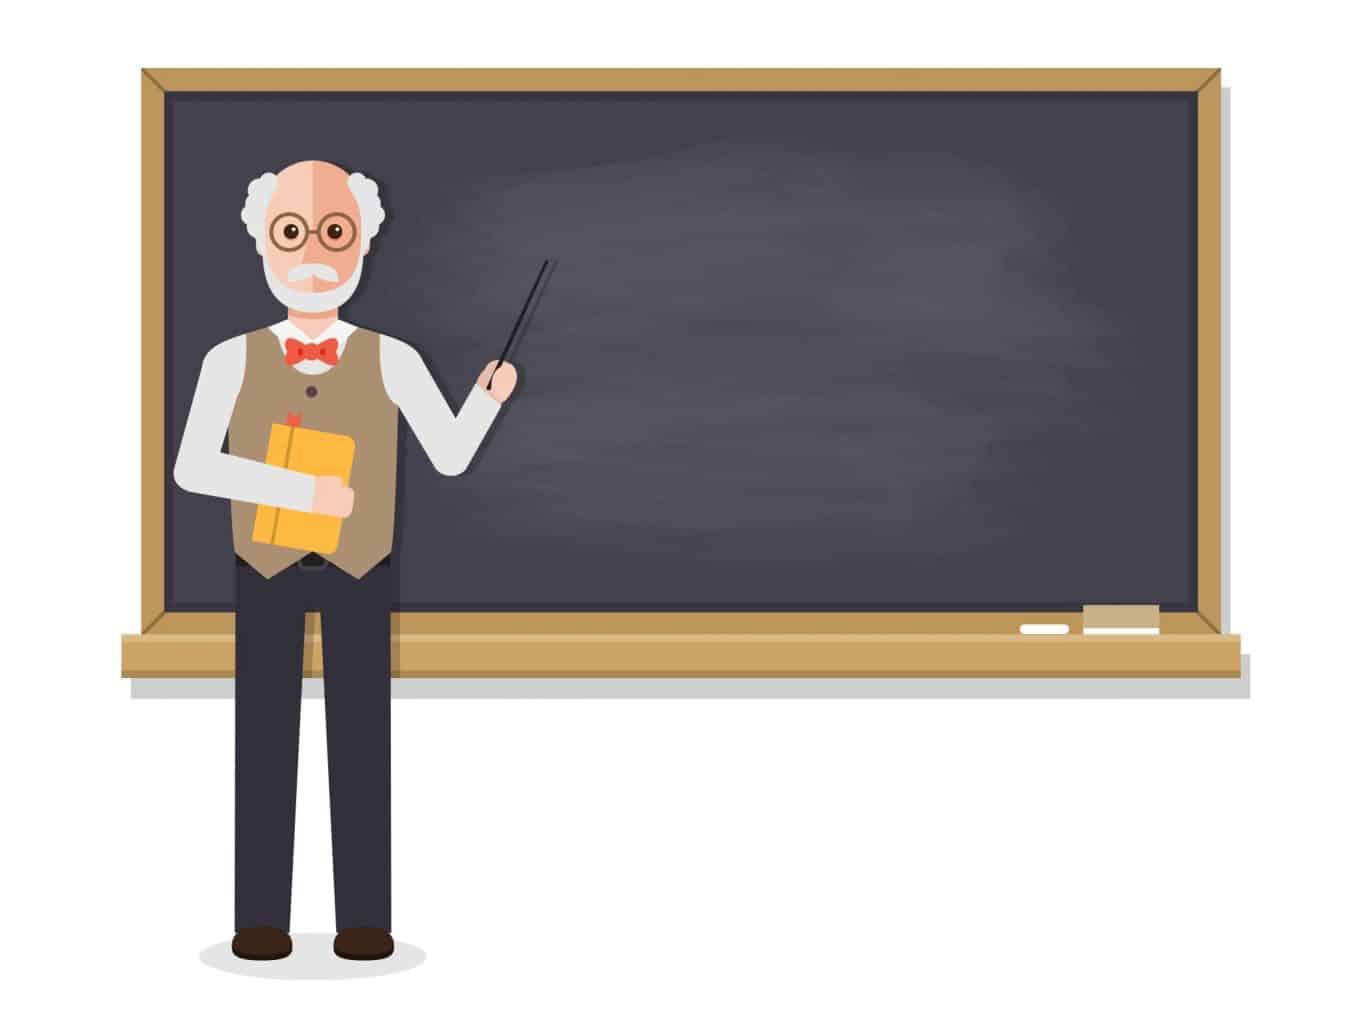 Professor receberá adicional acadêmico apesar de diploma não ter sido reconhecido no Brasil